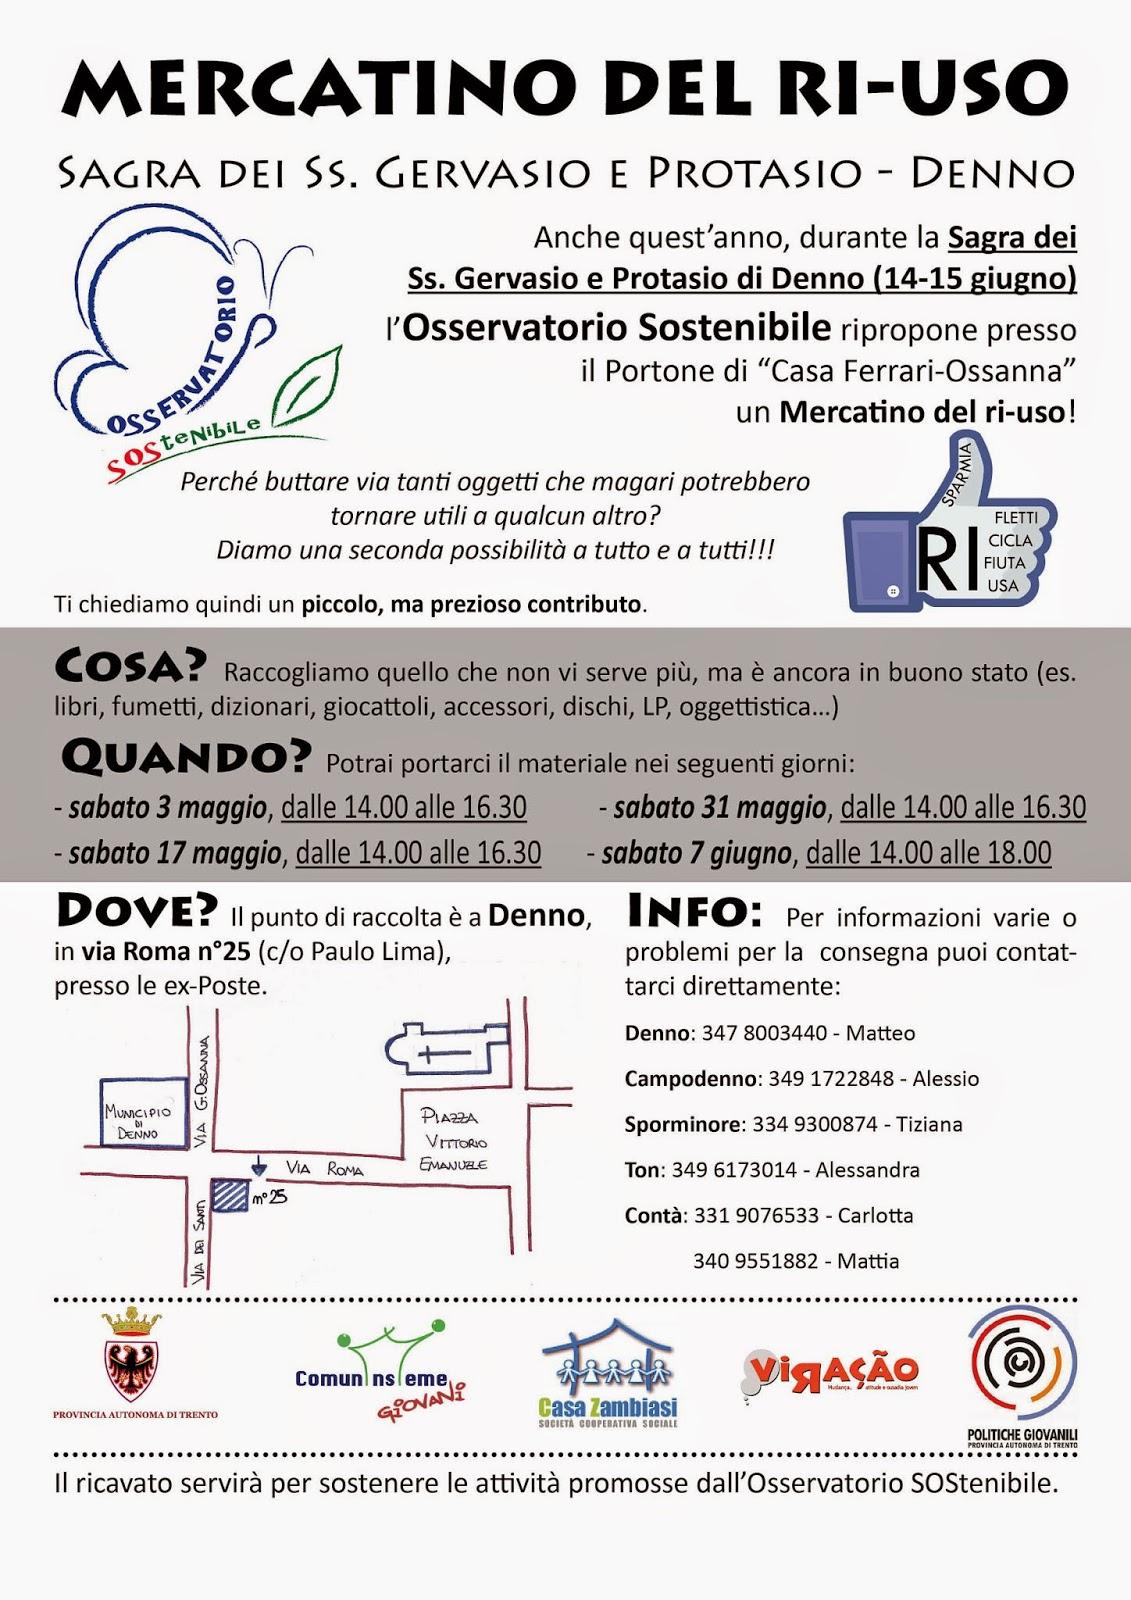 Osservatorio sostenibile for Via lima 7 roma